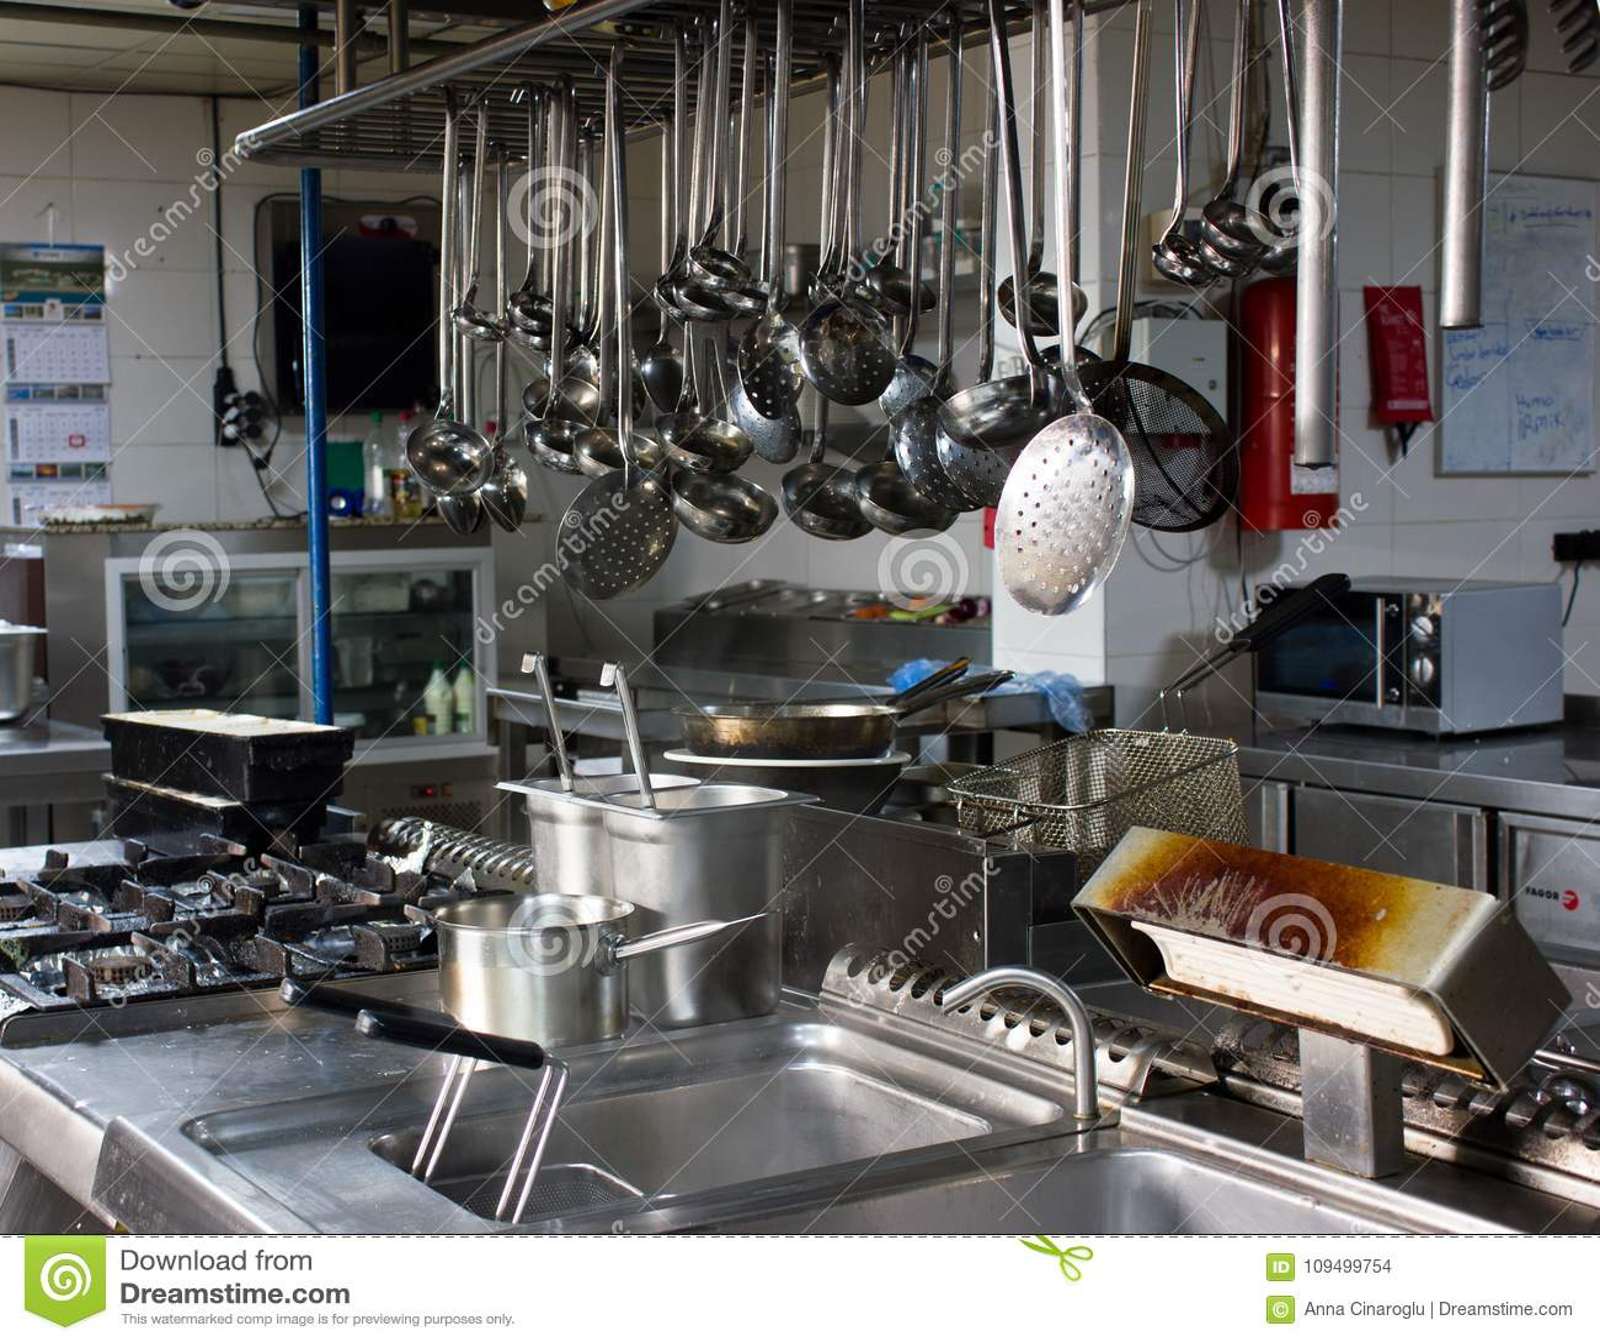 Cuisine Professionnelle Dans Le Restaurant Lames En Acier Pinces